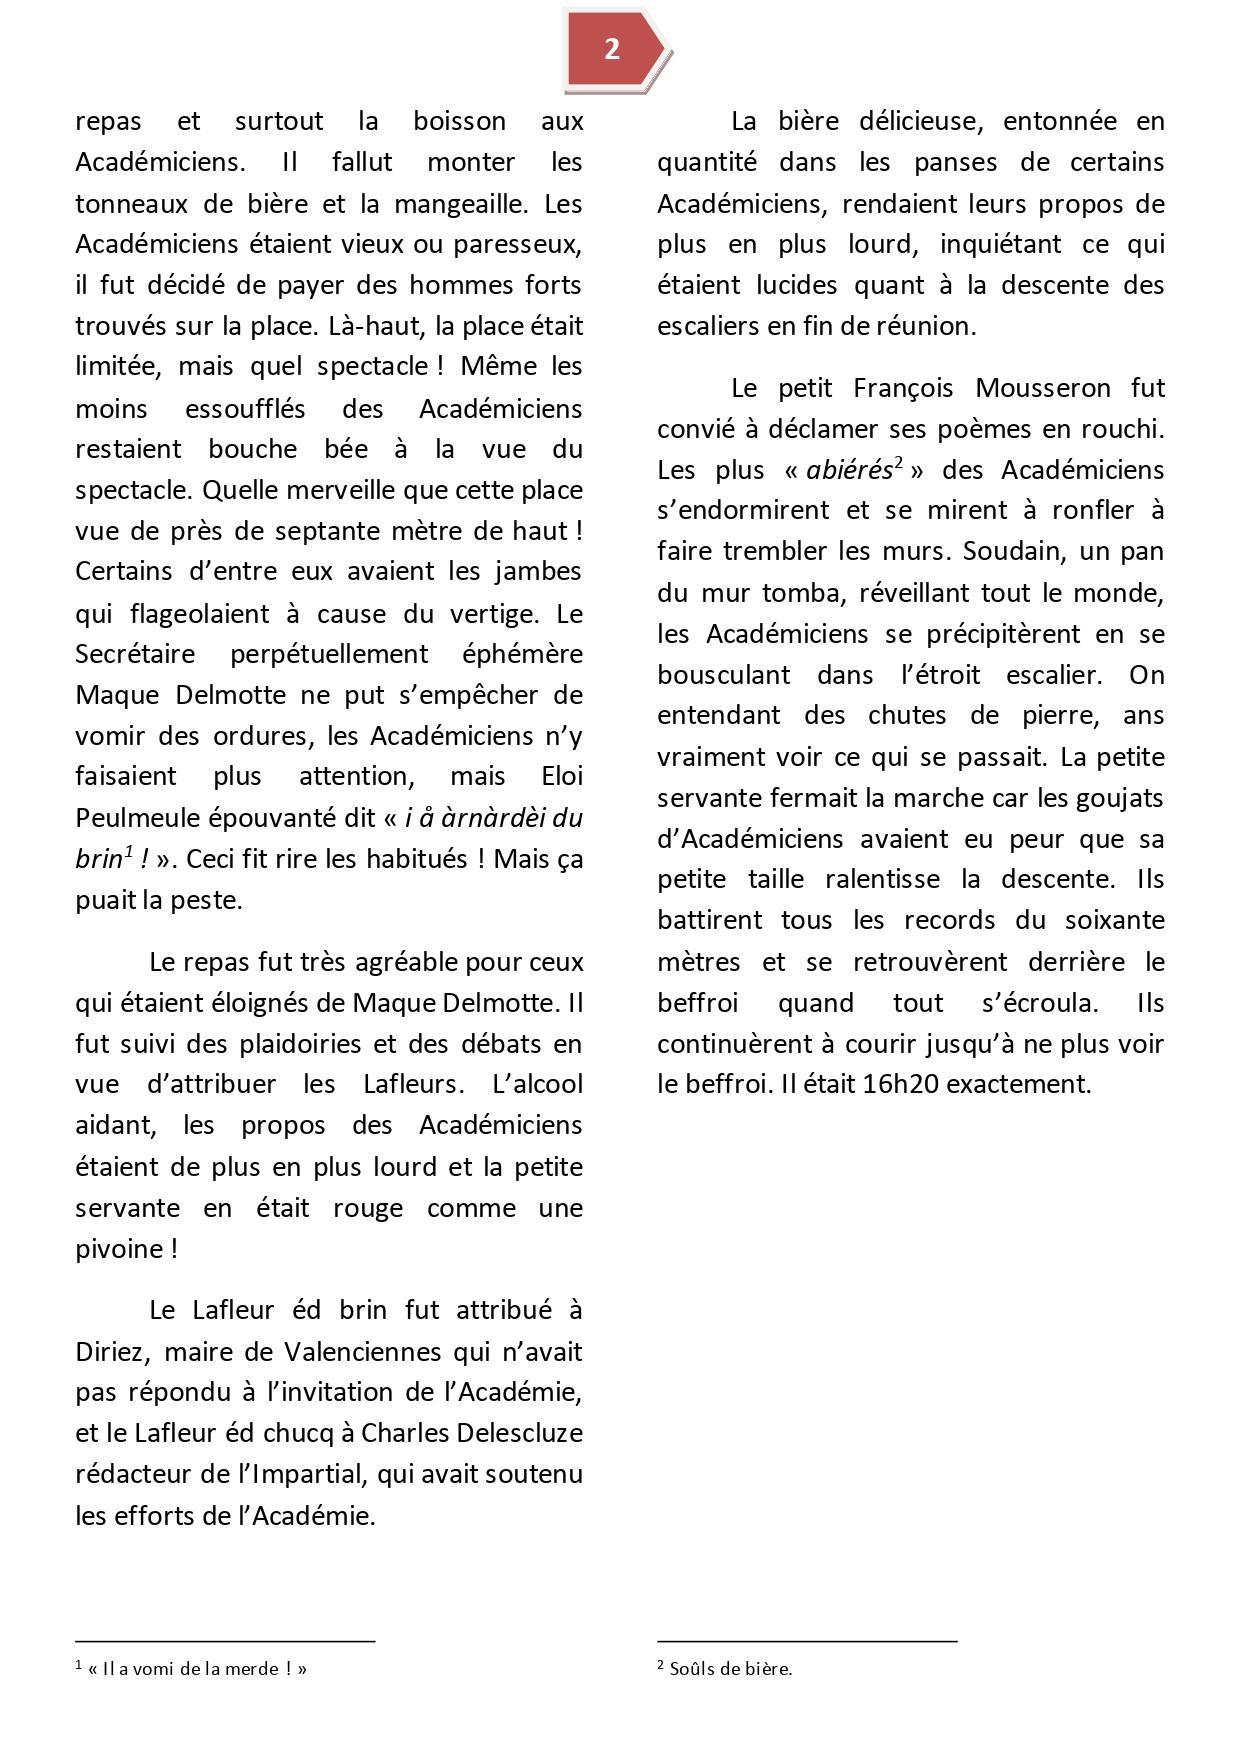 Academie 1843 reunion de valenciennes pages to jpg 0002